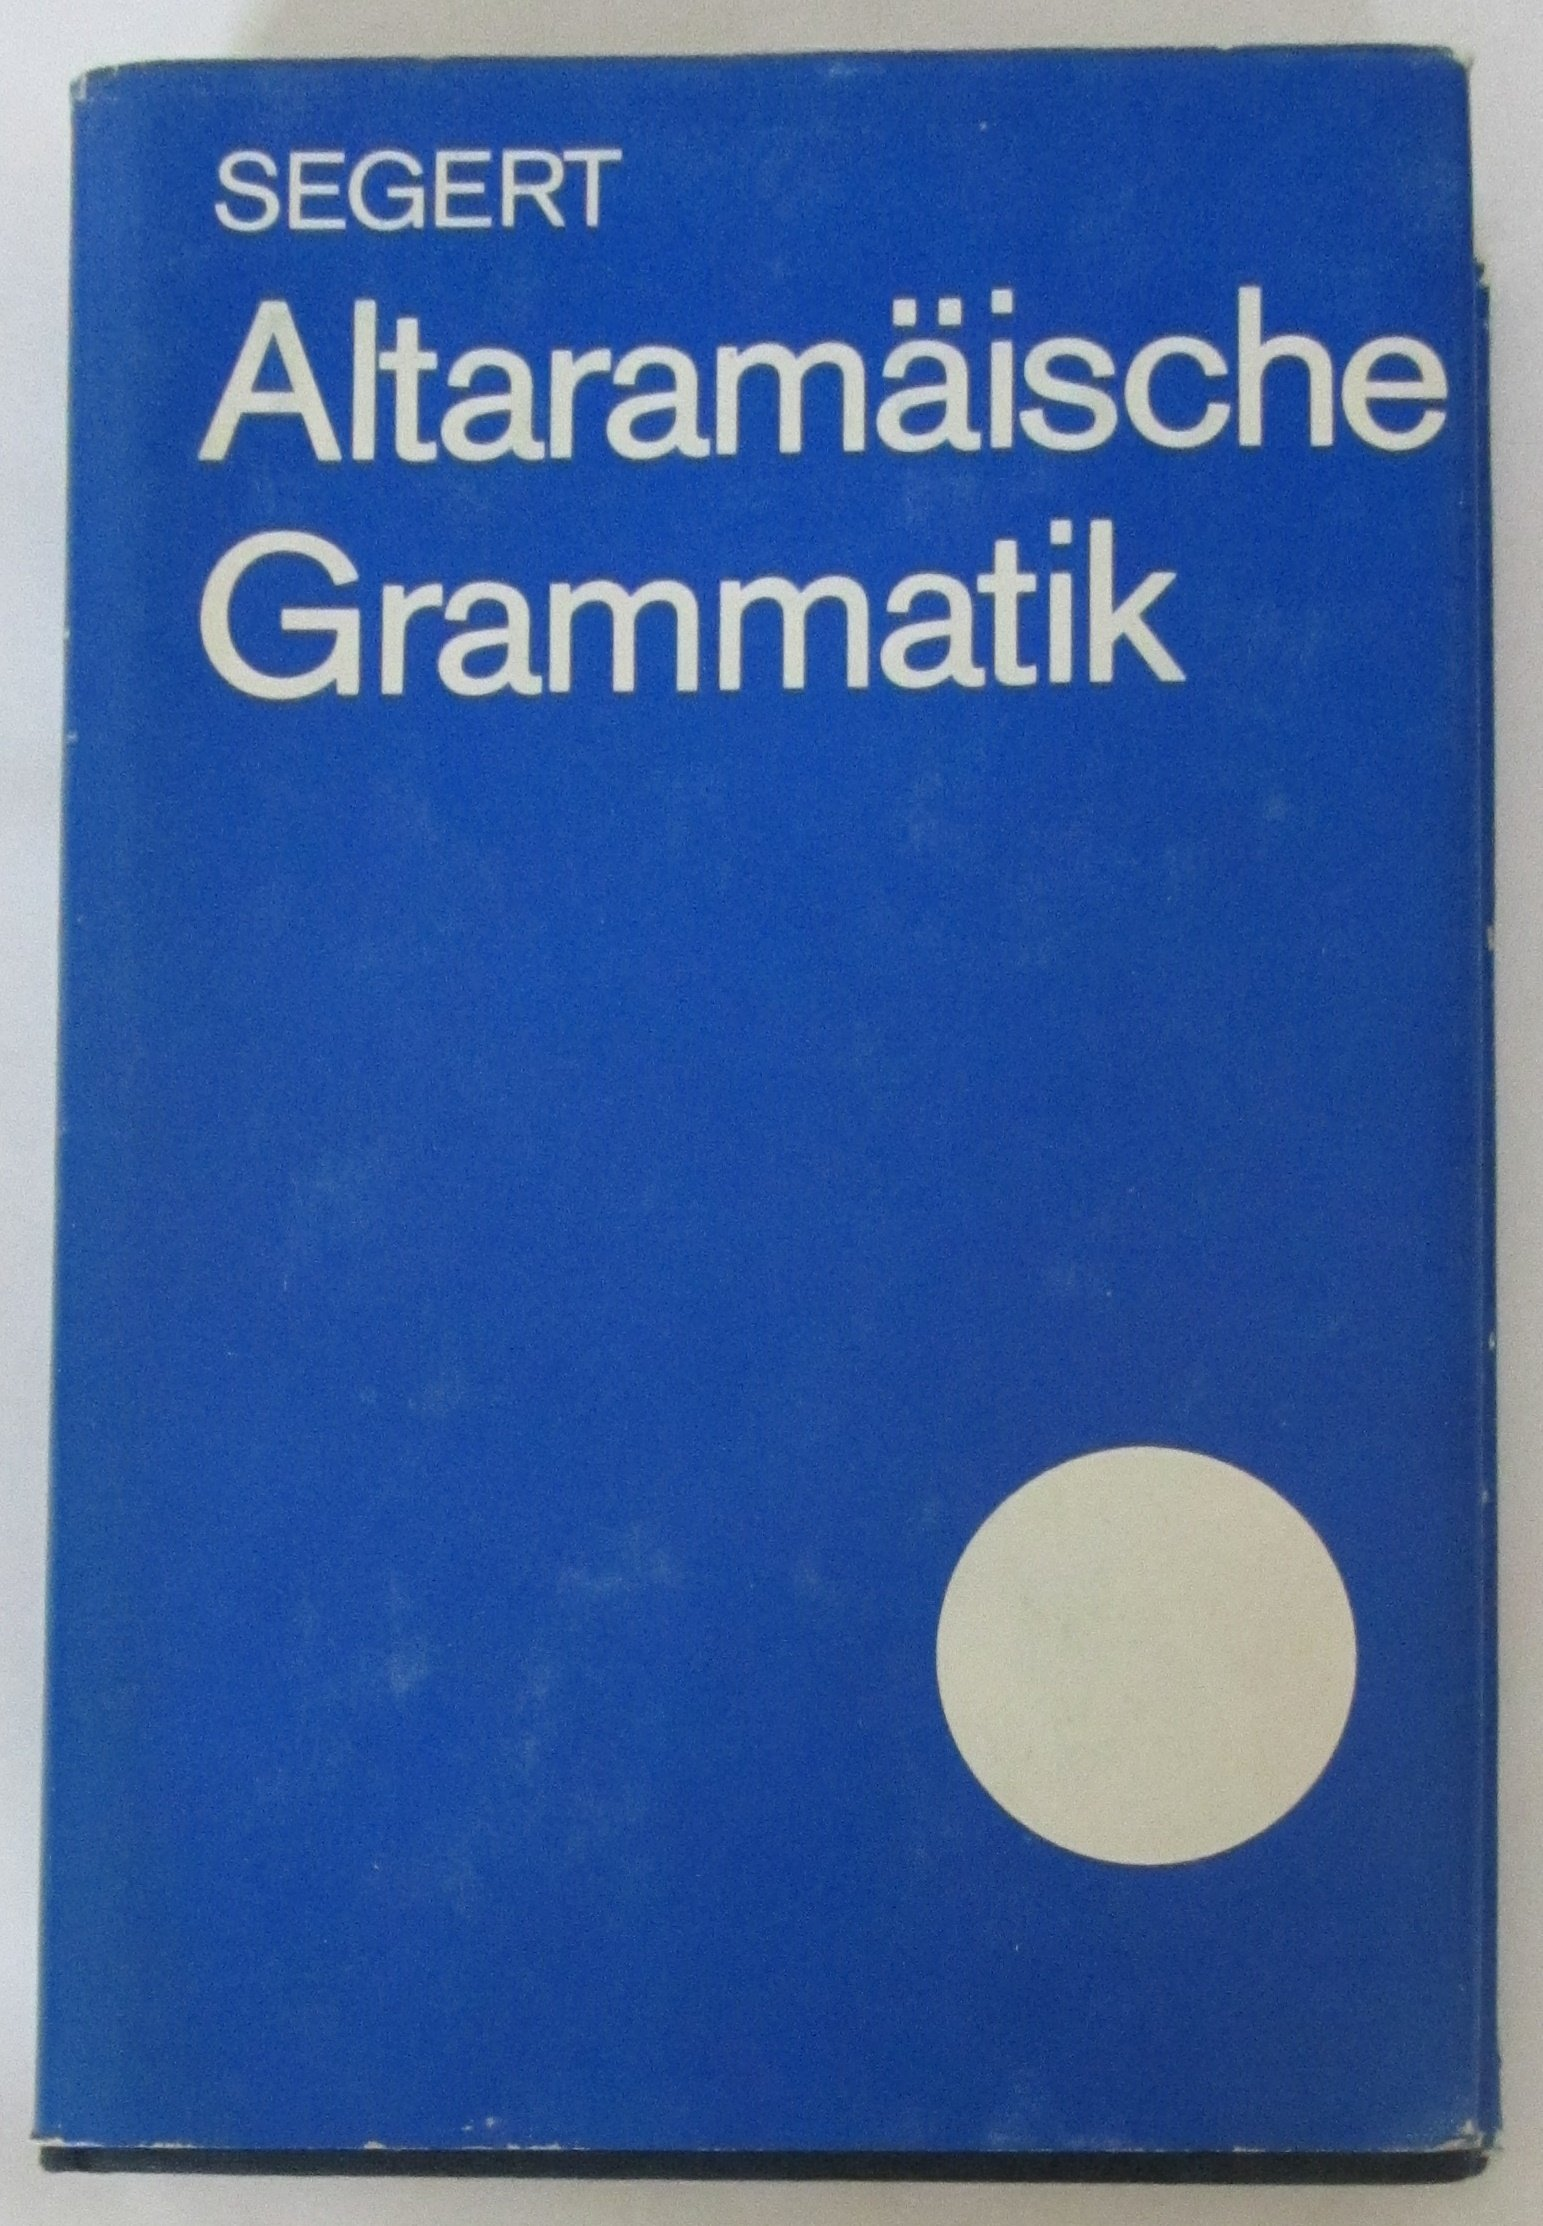 Altaramäische Grammatik